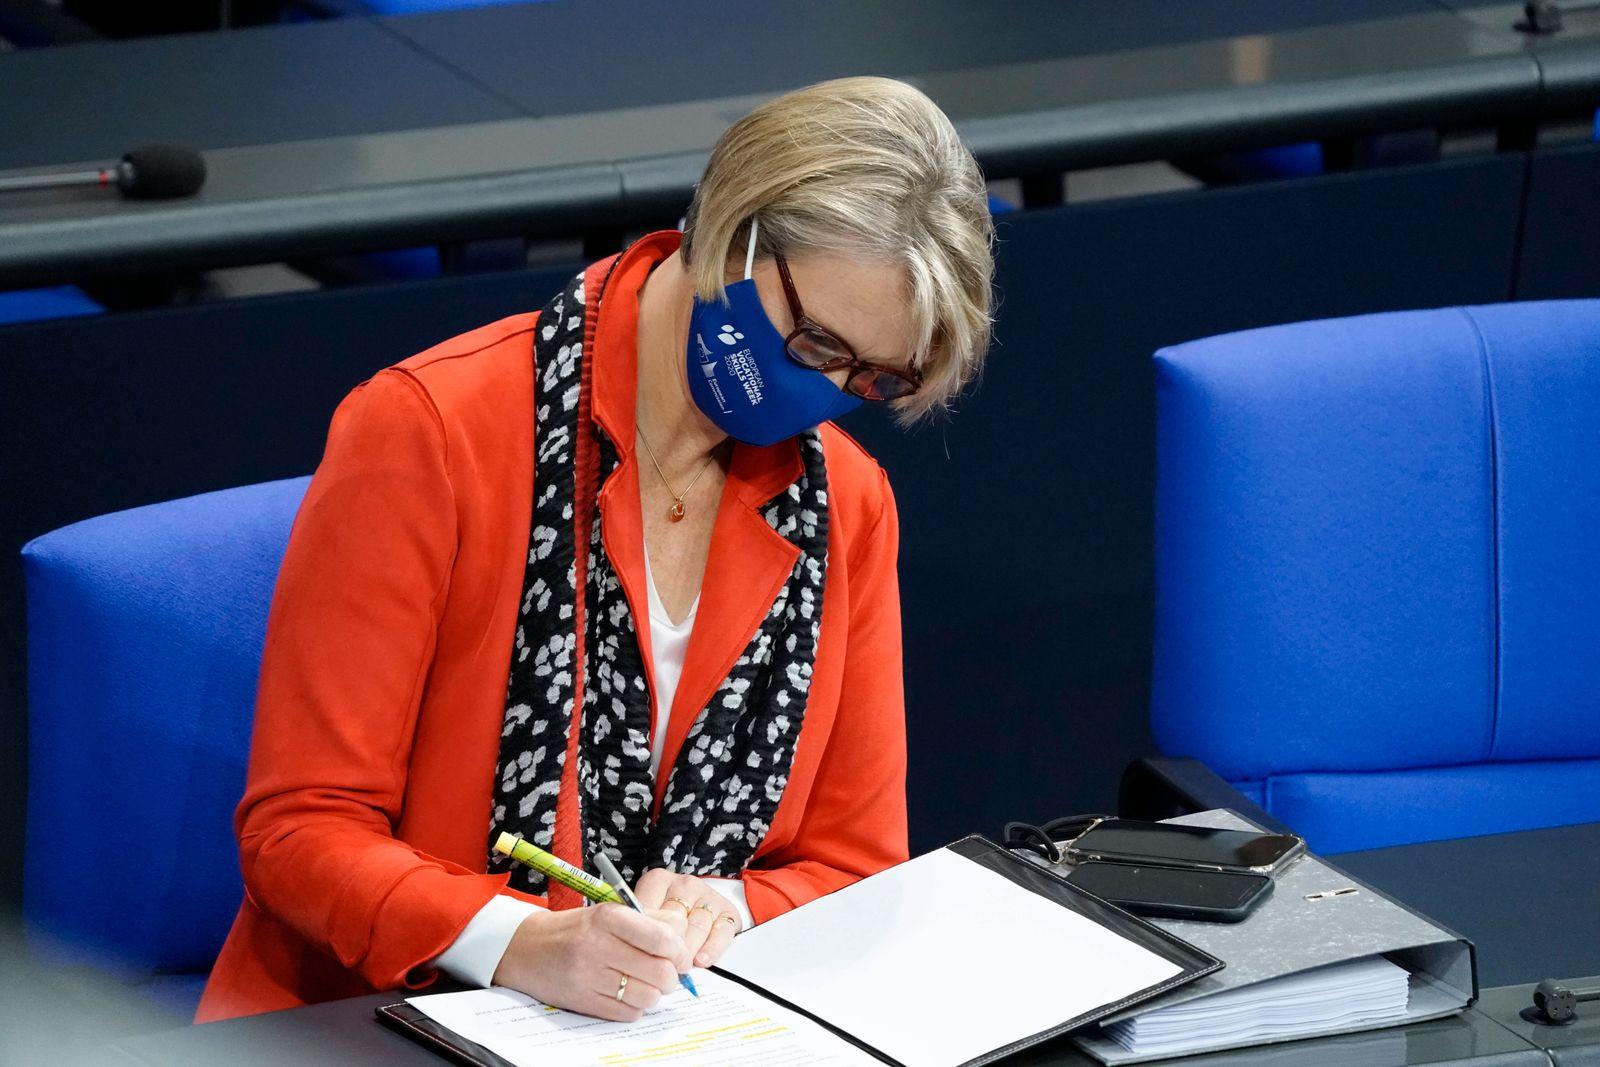 192. Sitzung des Deutschen Bundestag und Debatte Aktuell, 19.11.2020, Berlin, Anja Karliczek die Bundesministerin fuer